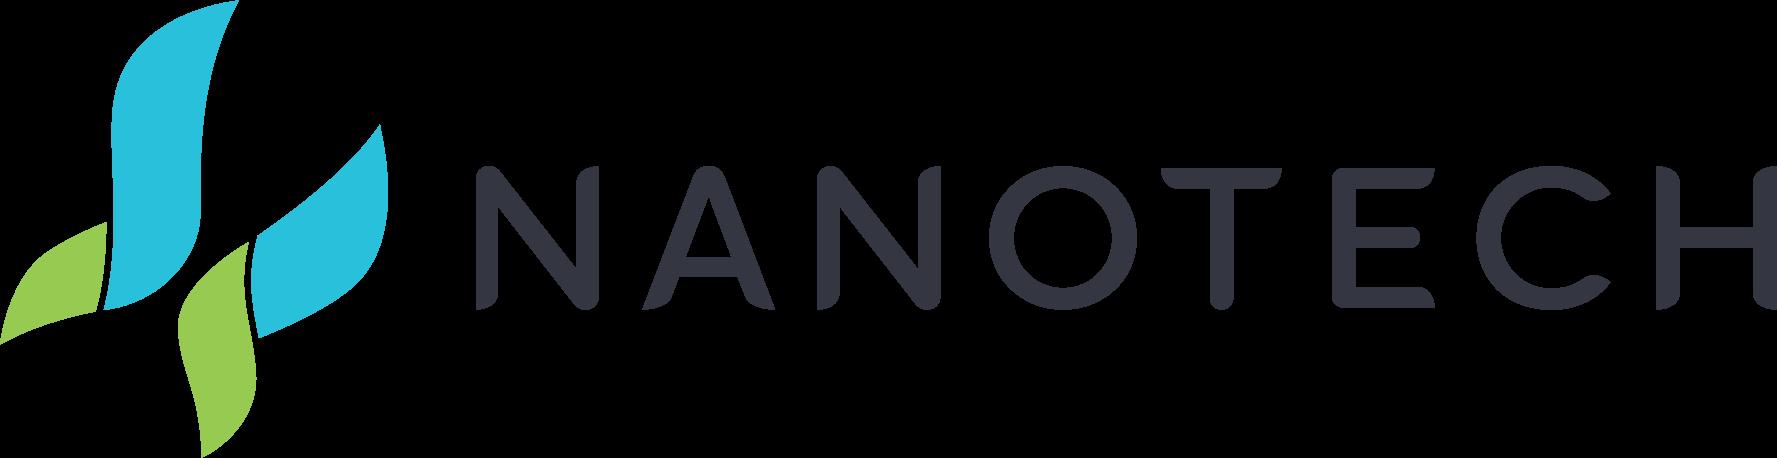 Nanotech Wins $6